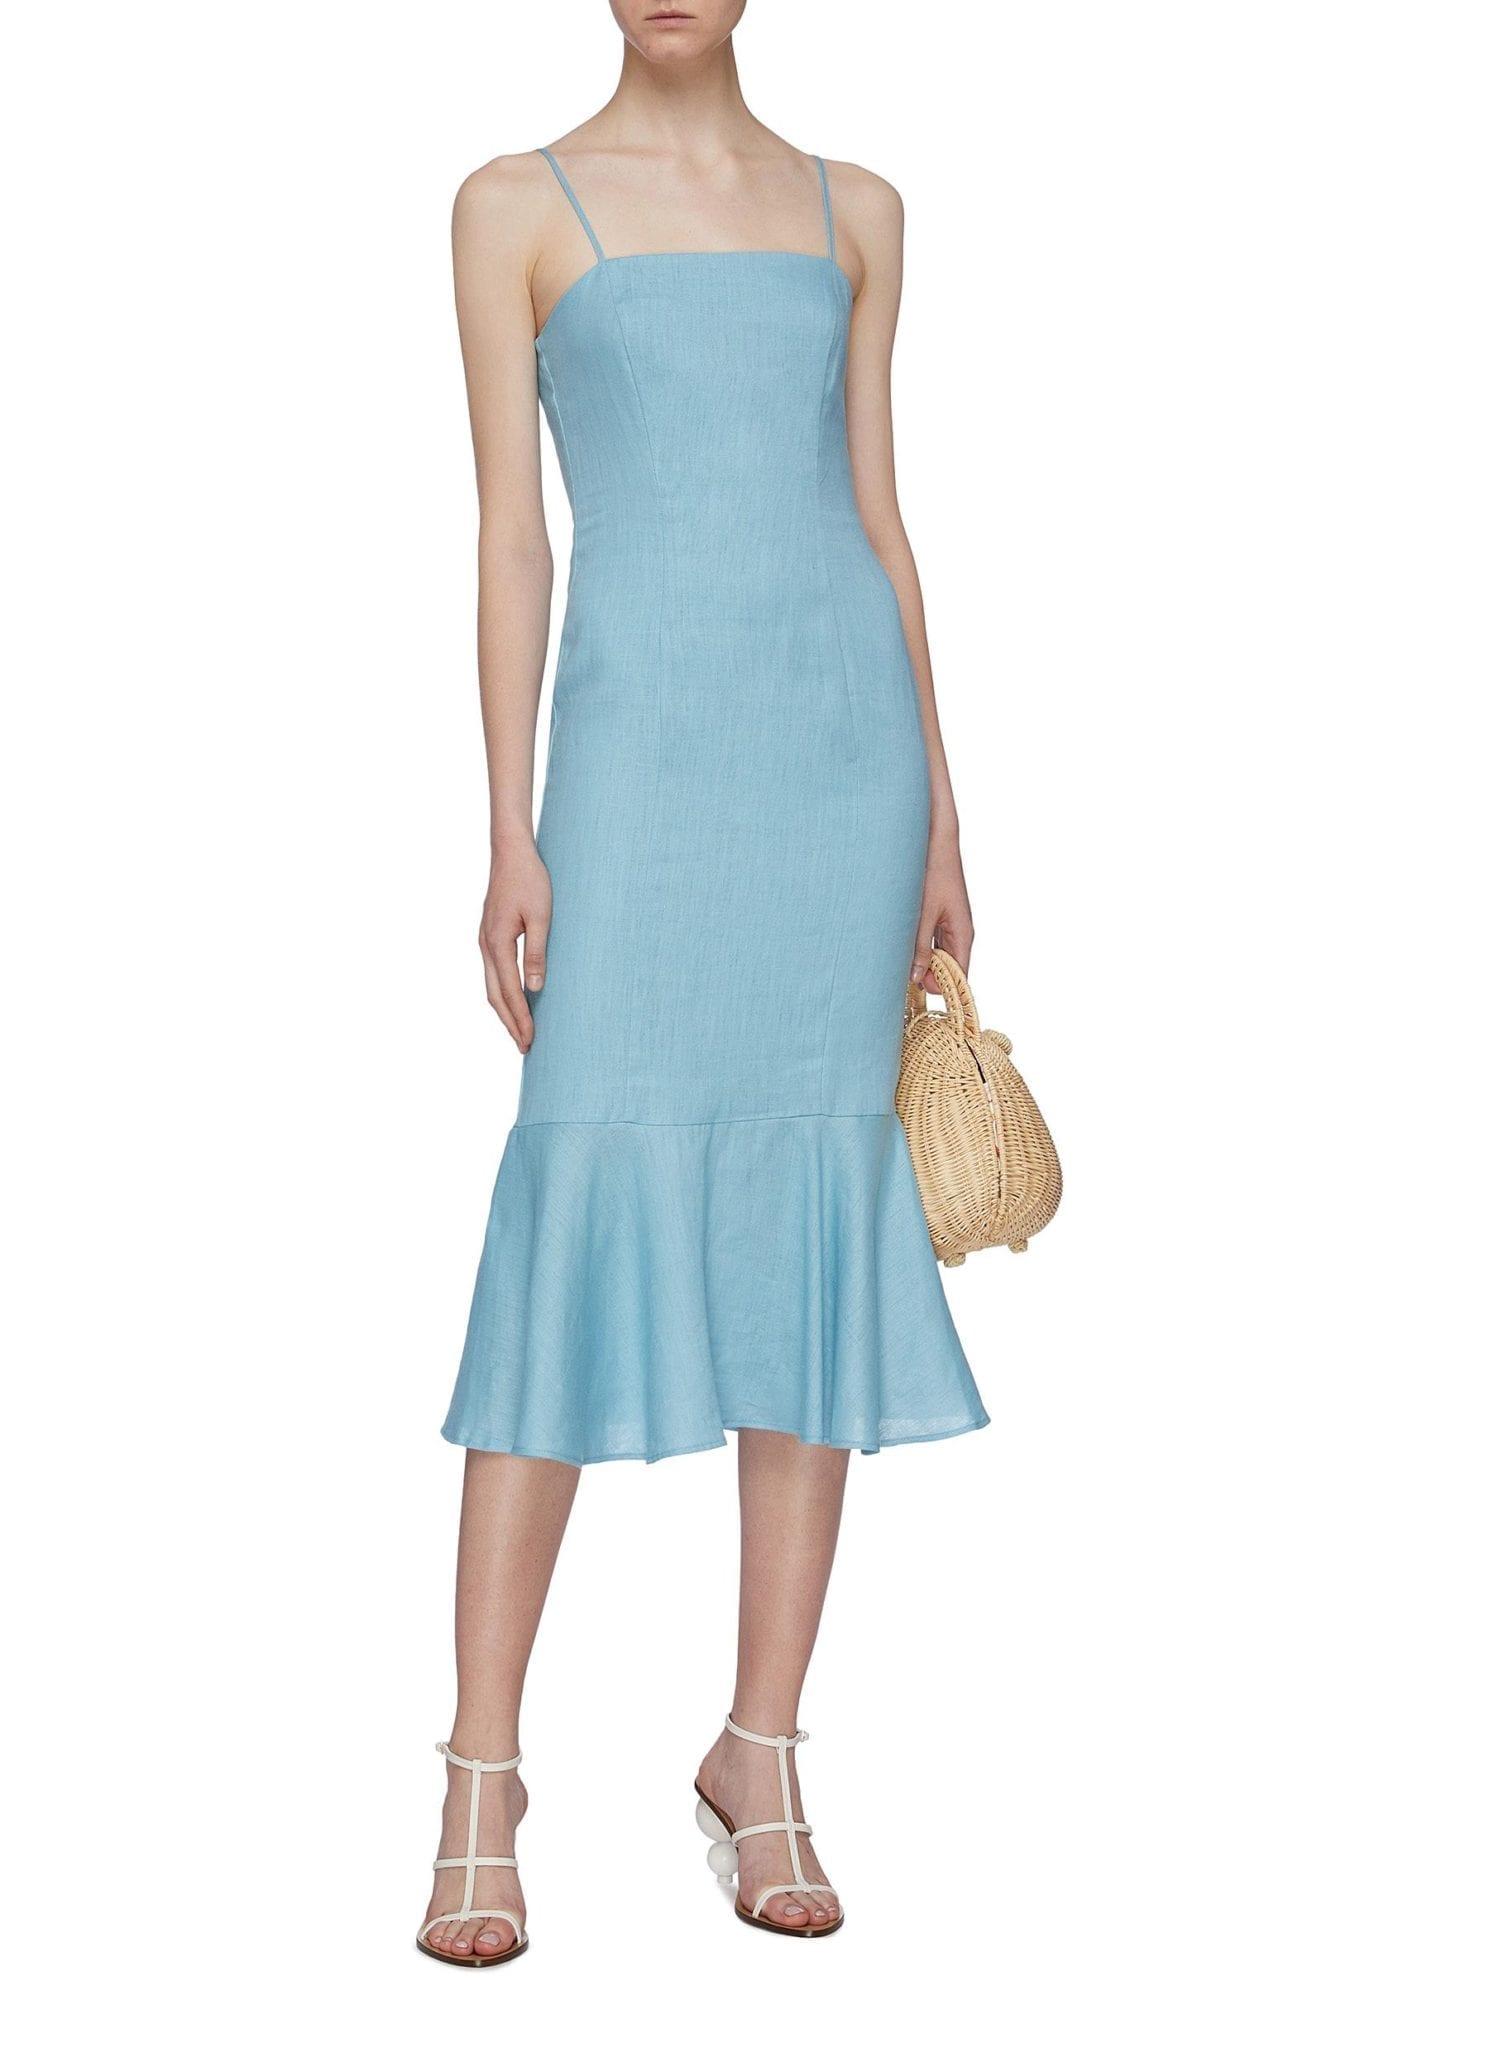 STAUD 'Lychee' Linen Peplum Dress